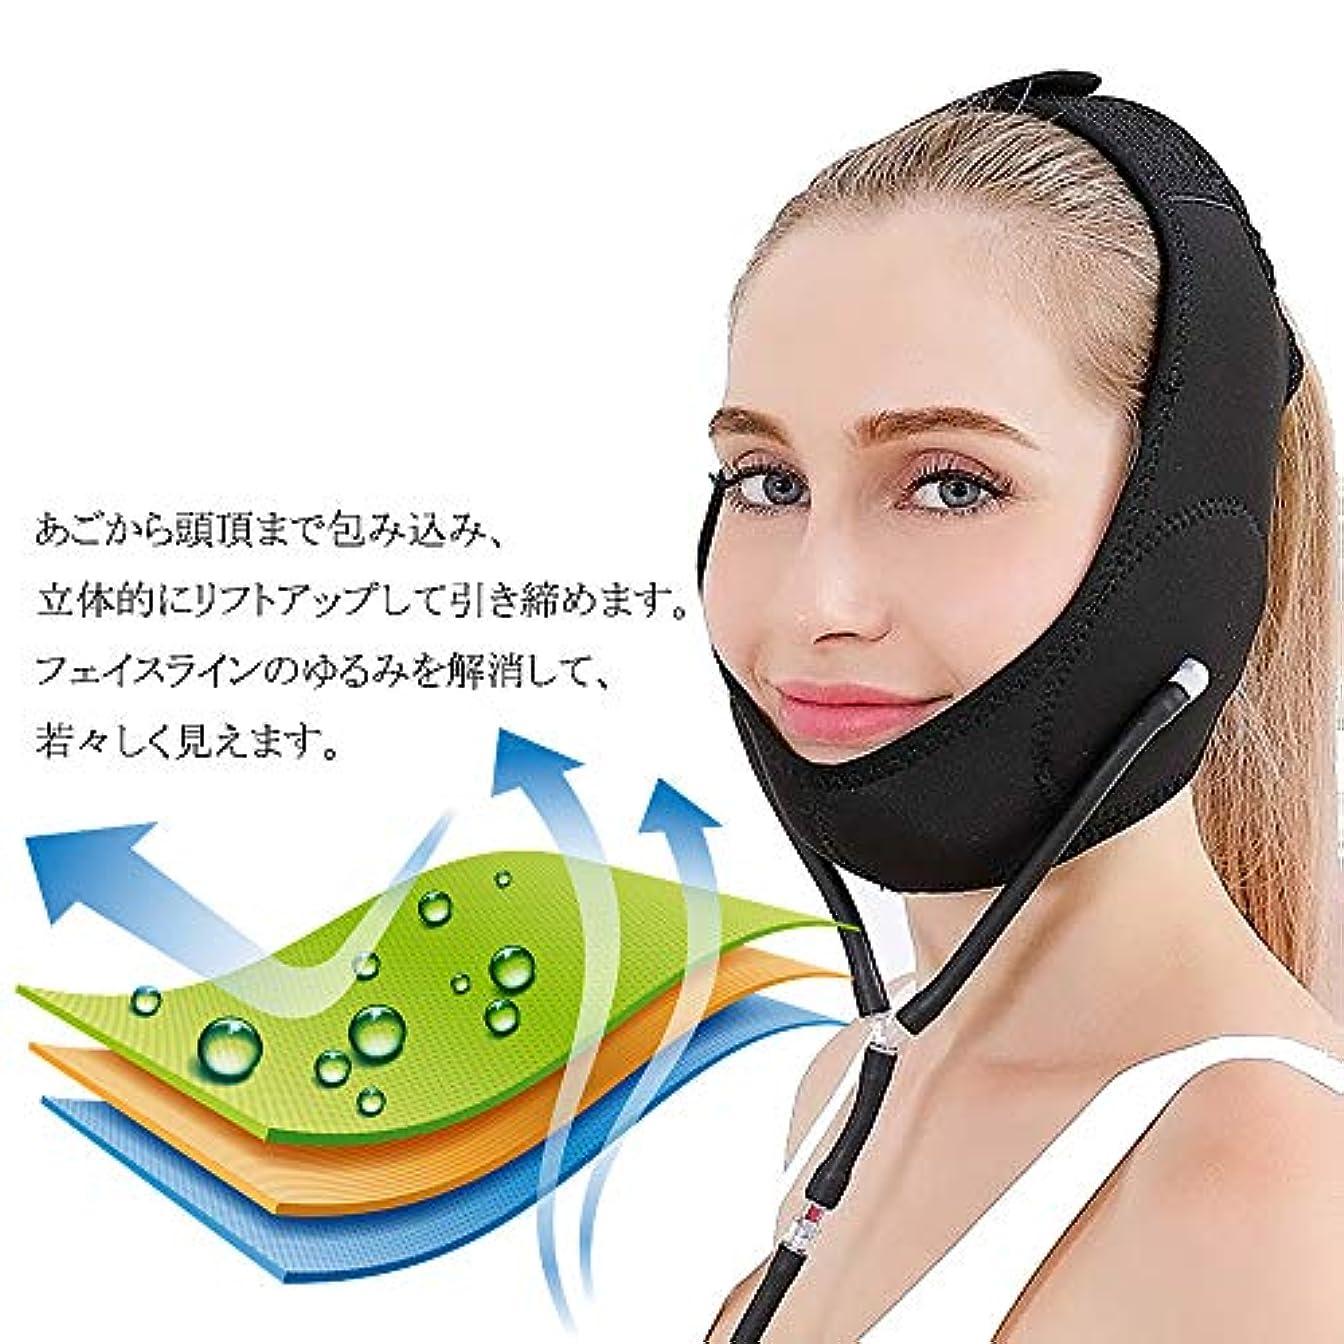 防衛ドール不承認SHQIDLILAG (ヨイ) エアー 顔やせ マスク 小顔 ほうれい線 空気入れ エアーポンプ 顔のエクササイズ フェイスリフト レディース (フリーサイズ, ピンク) (B)